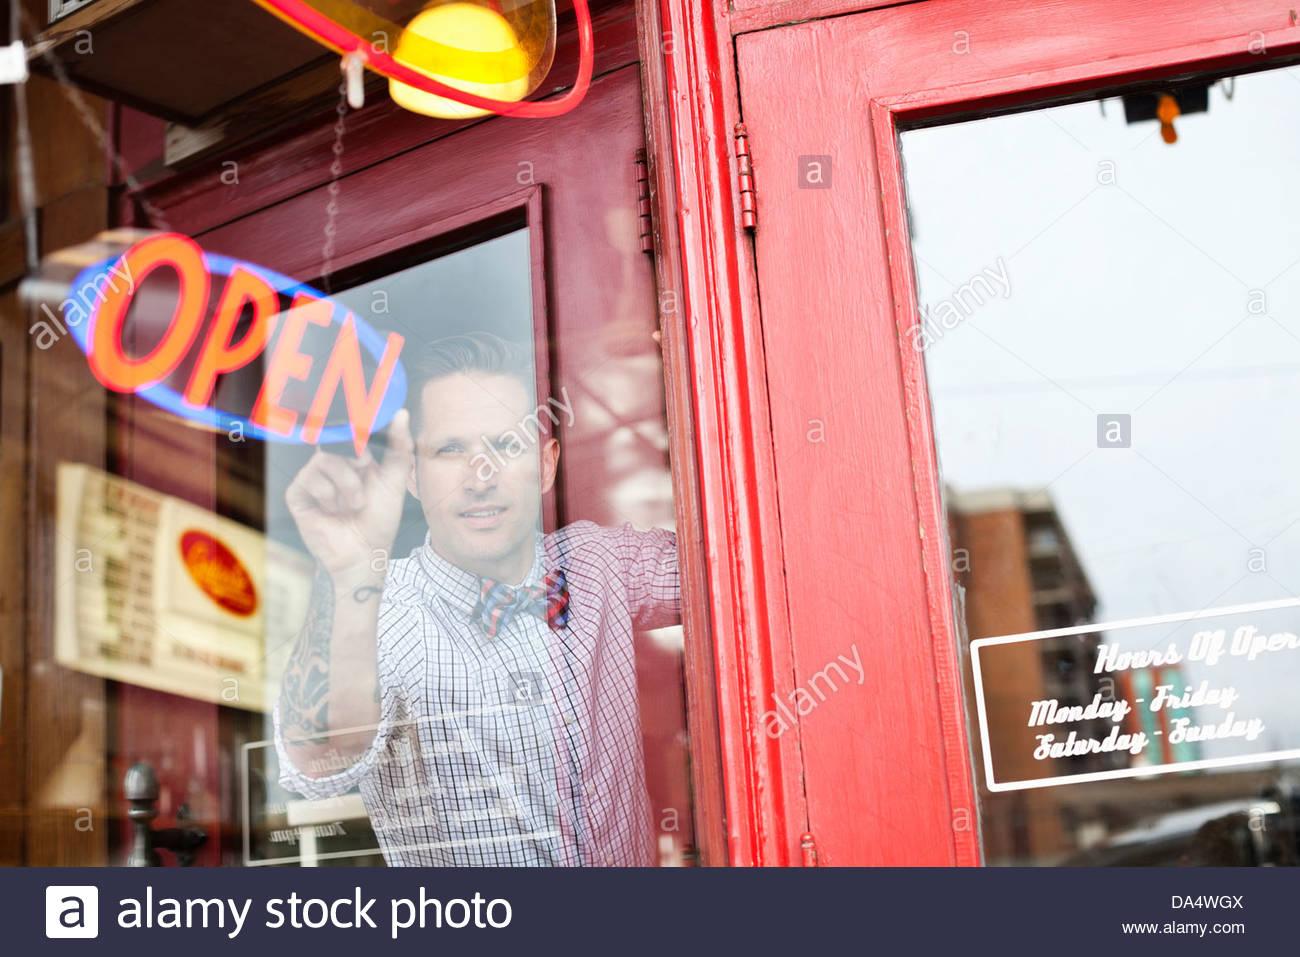 Réglage de l'homme propriétaire de l'entreprise open sign in diner window Photo Stock